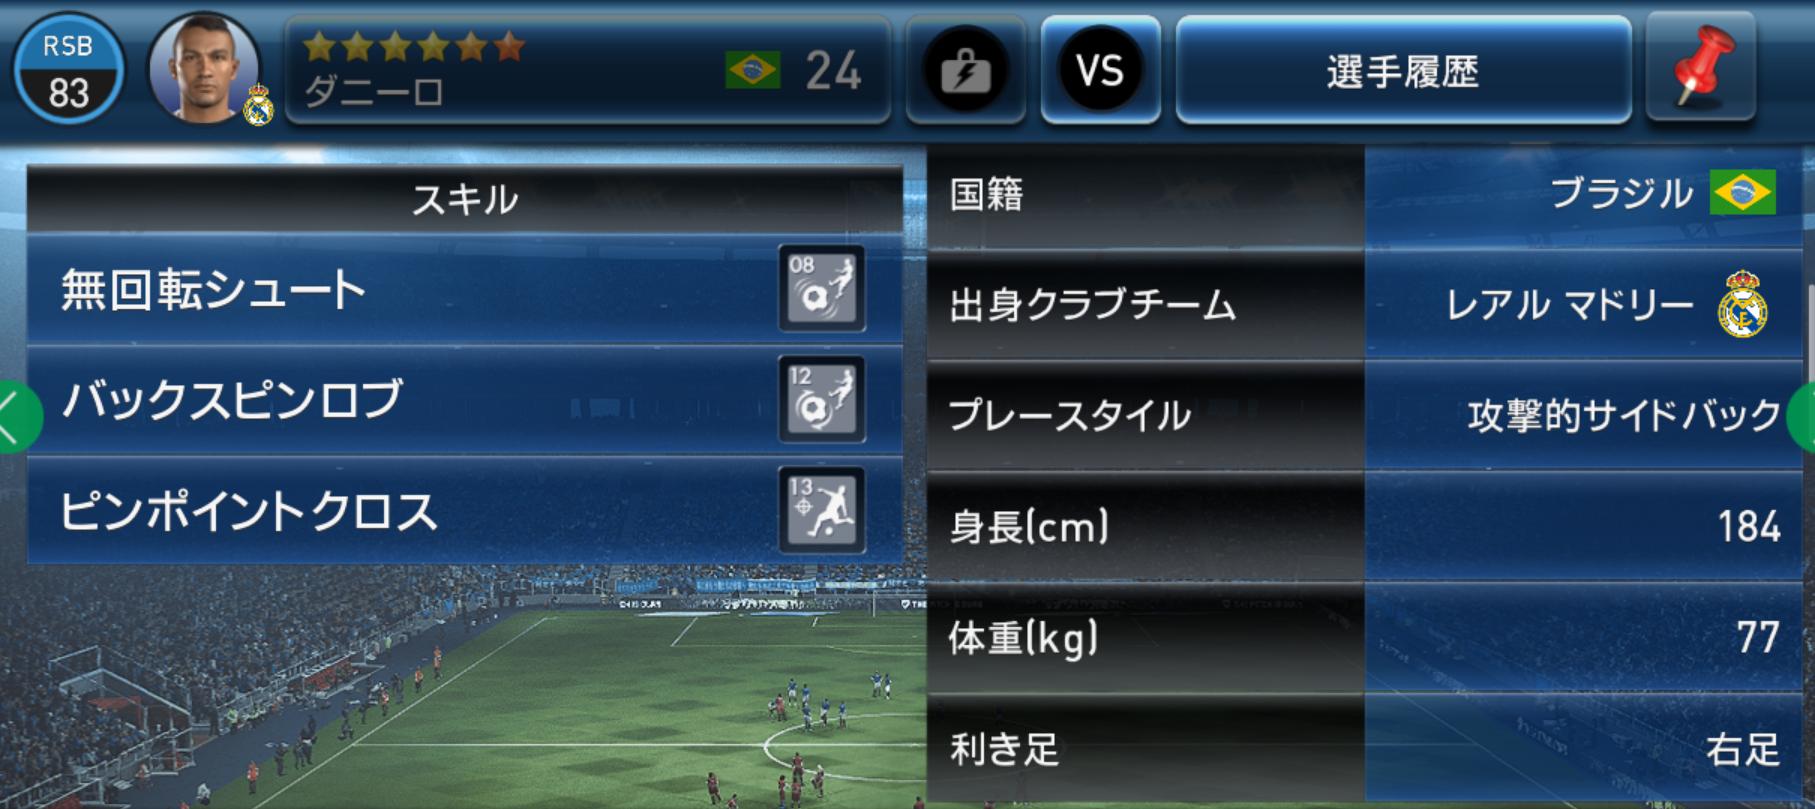 ダニーロ3